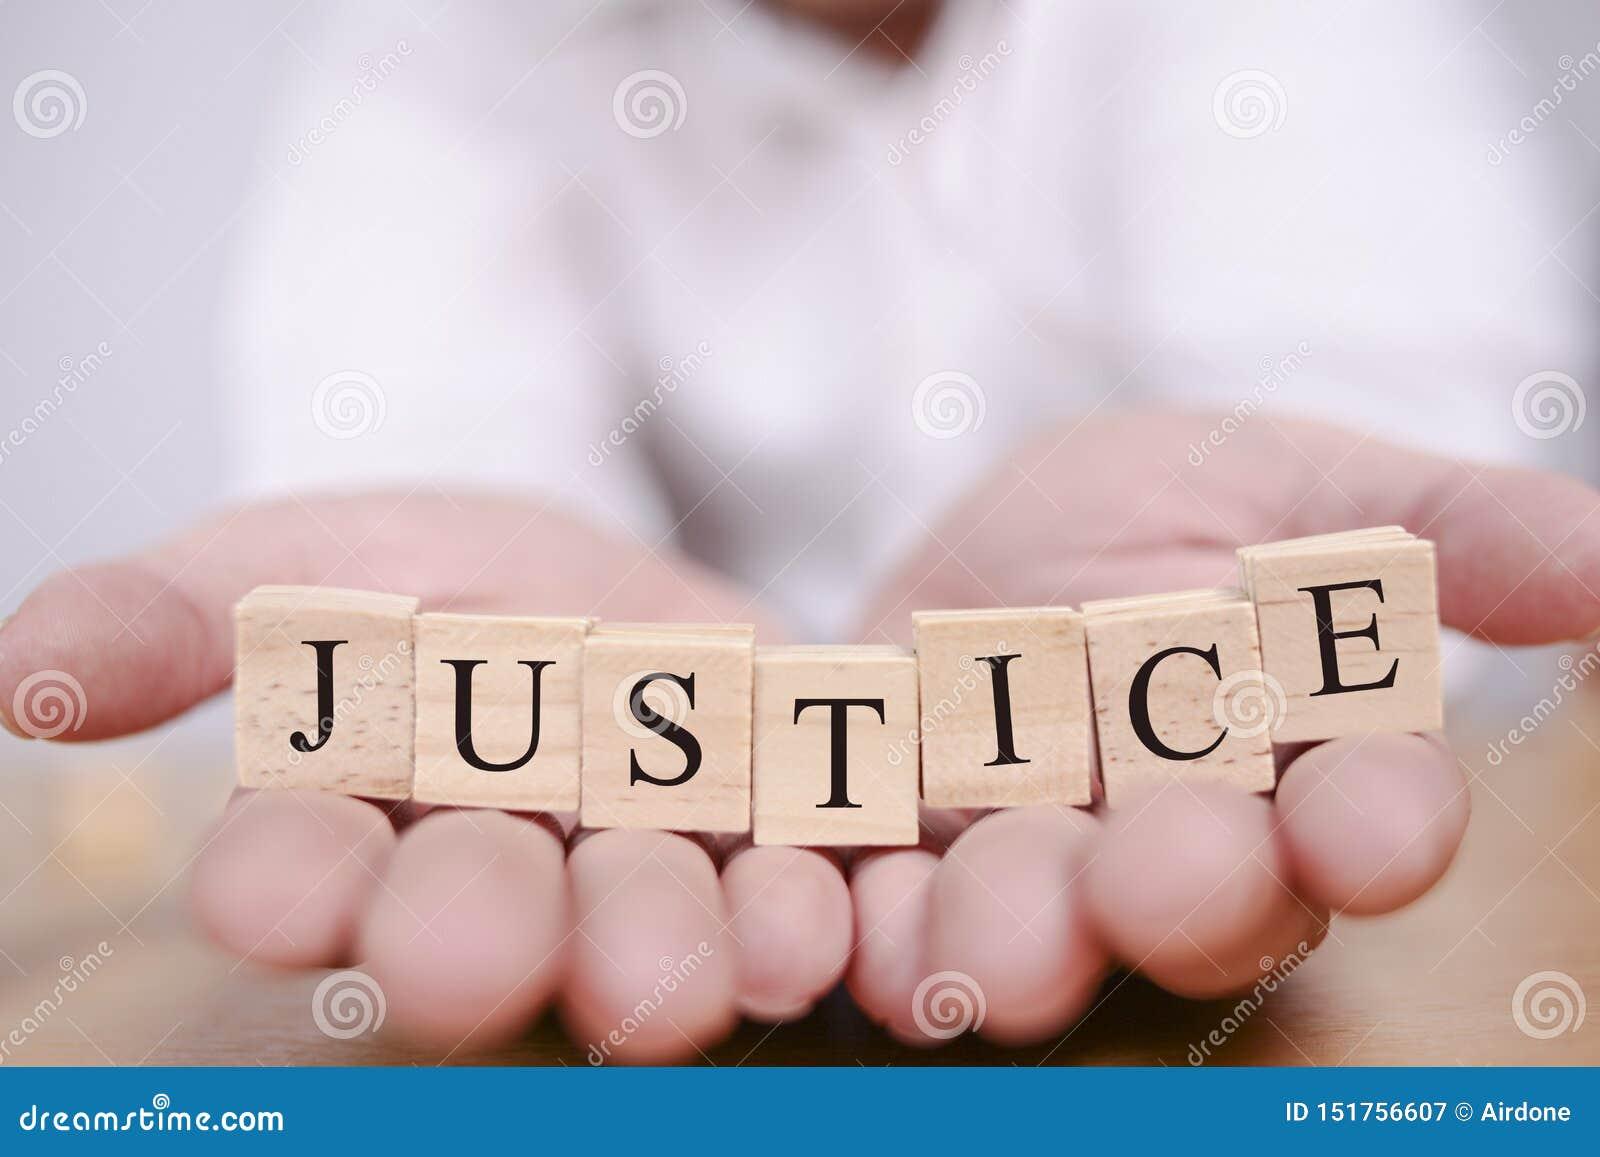 Justicia Concepto De Motivación De Las Citas De Las